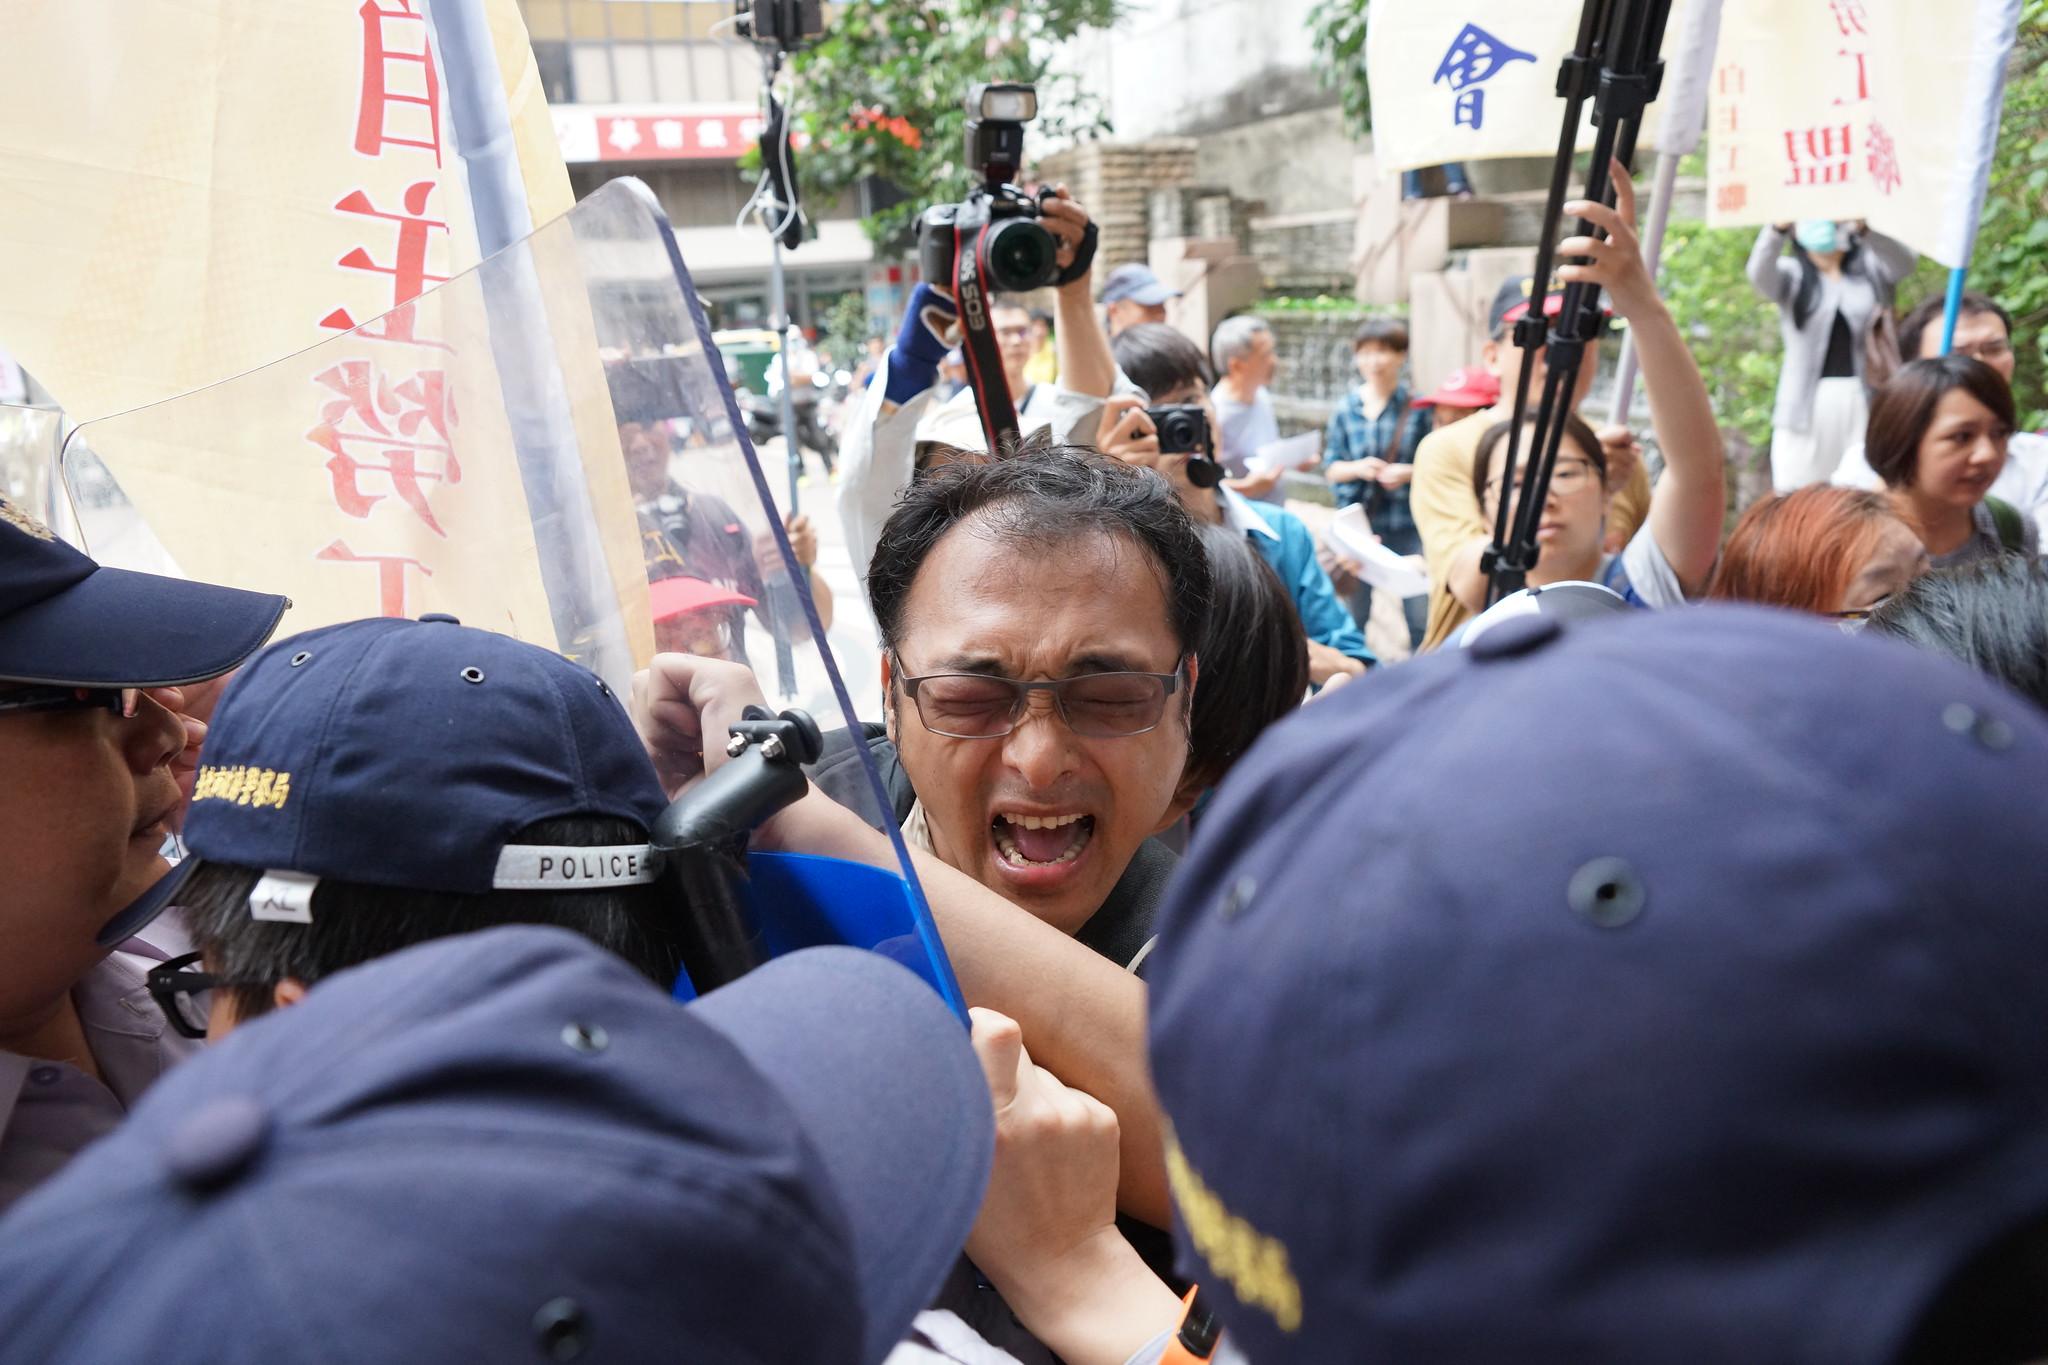 工會理事長徐同溎在人群中。(攝影:王顥中)